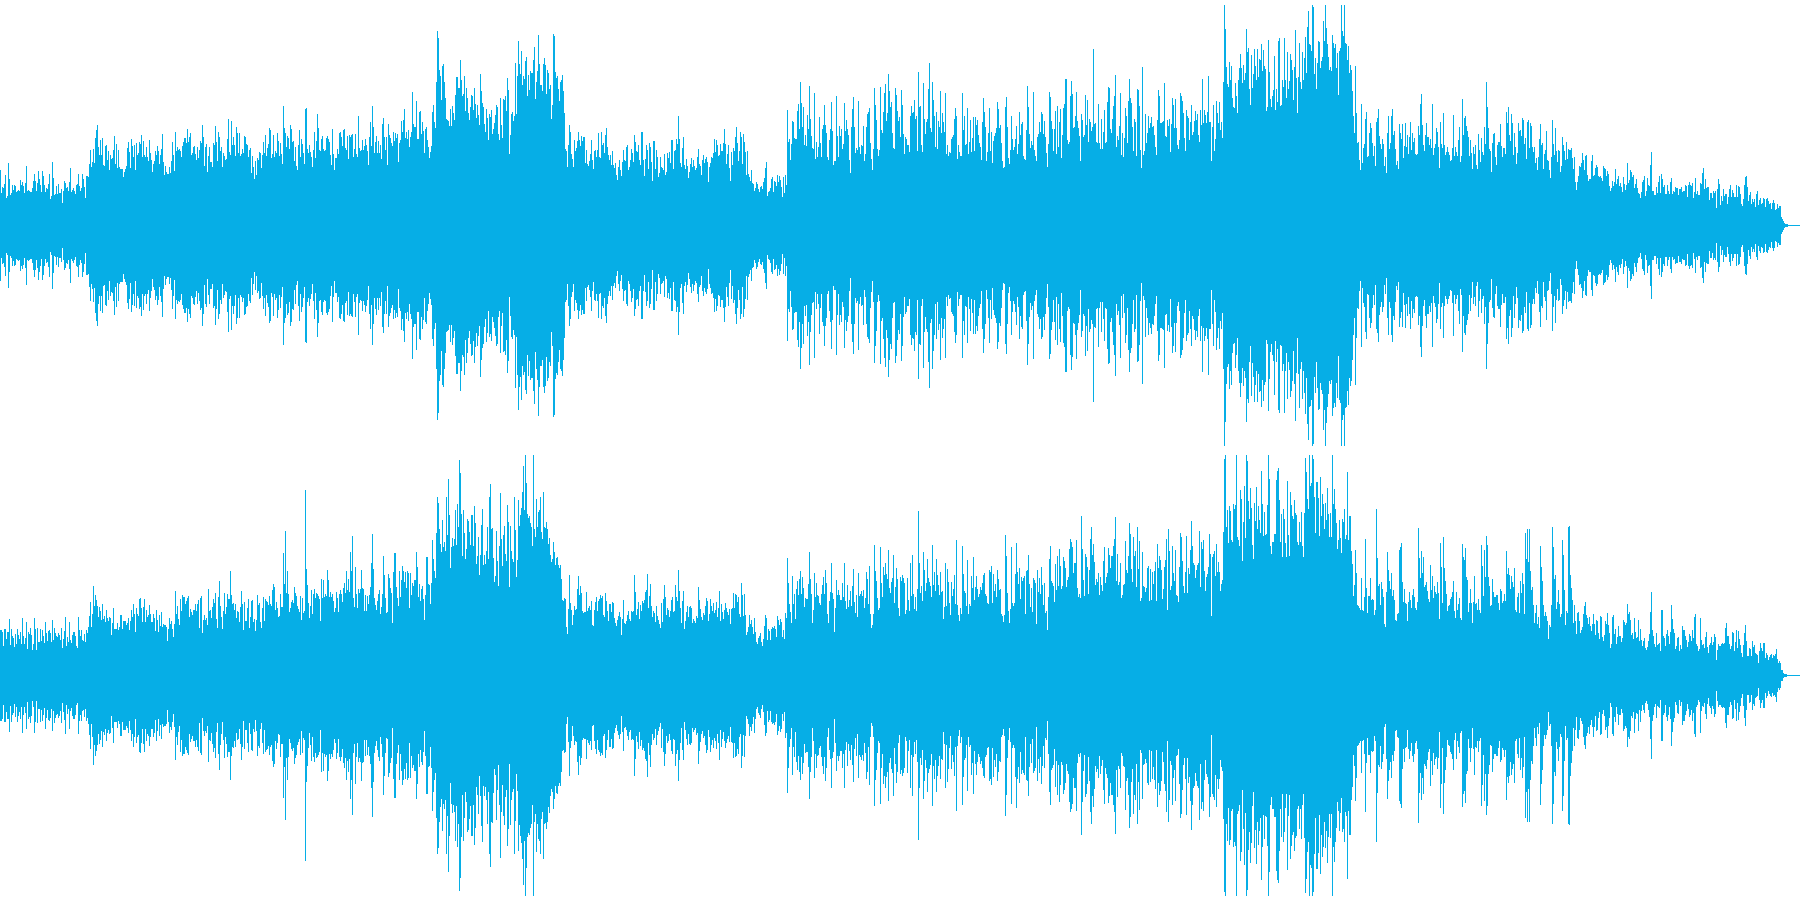 壮大で響きがかっこいいメロディーの再生済みの波形